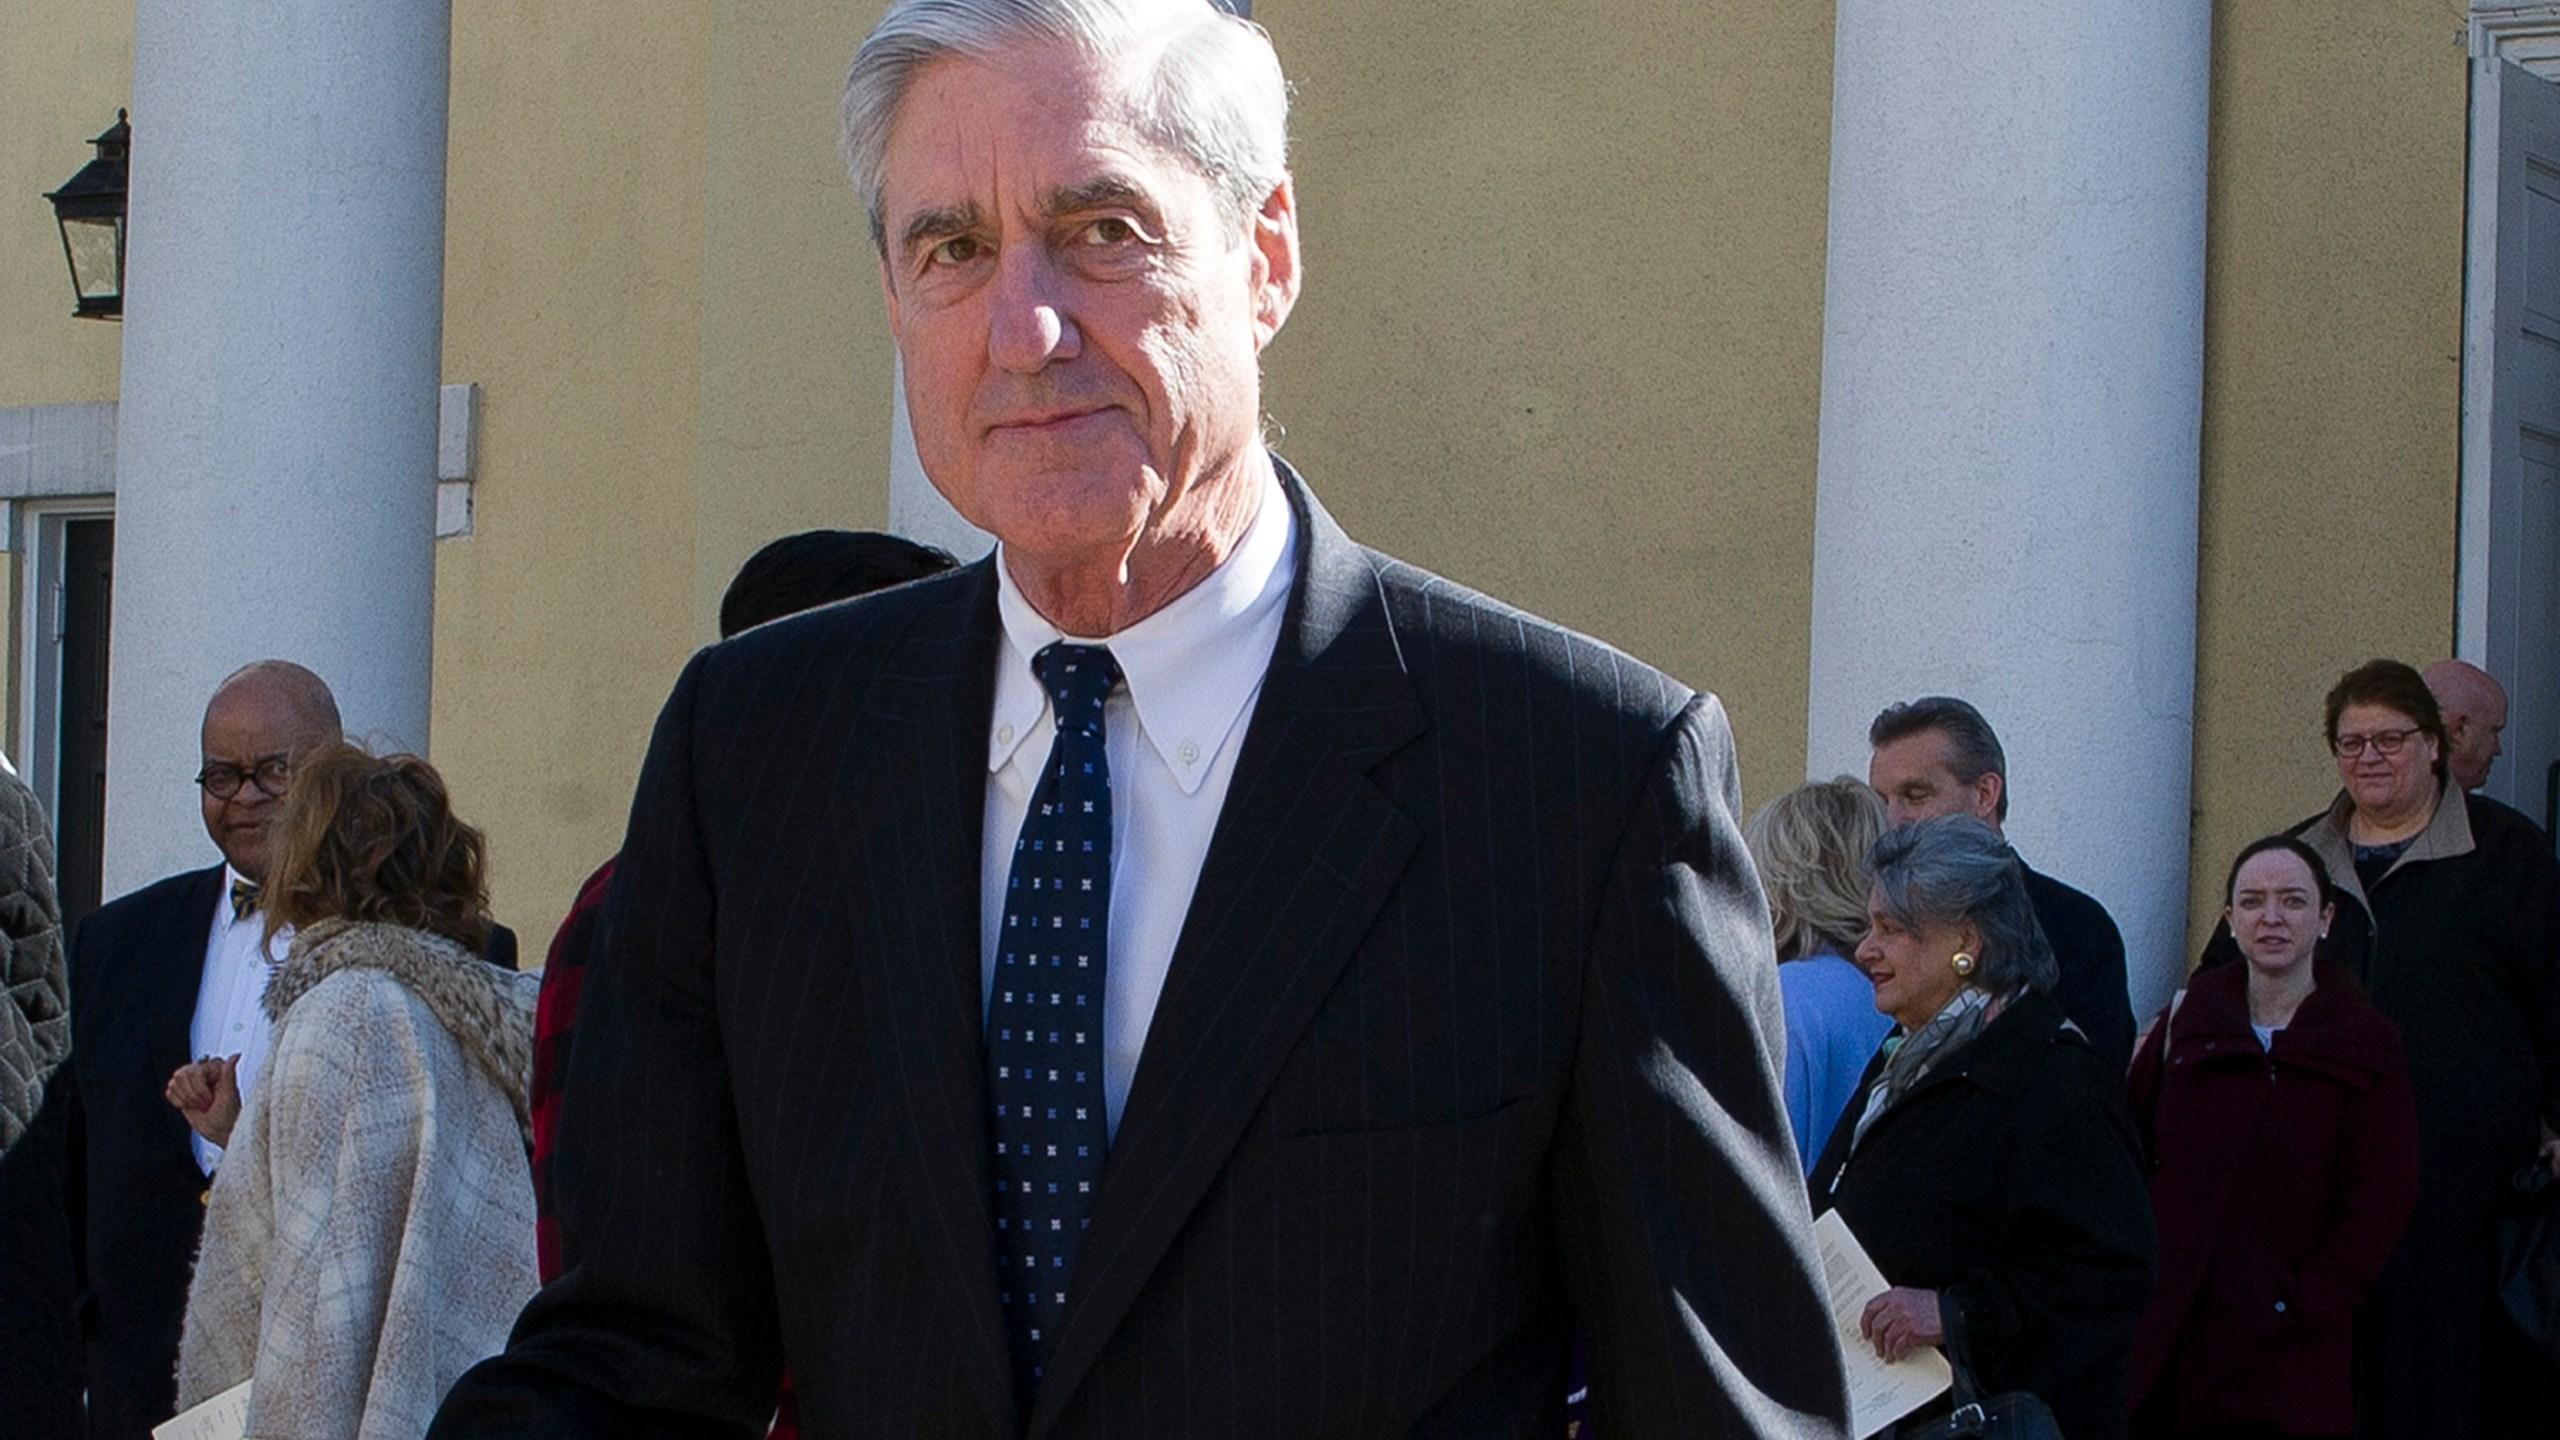 Mueller_The_Evidence_28016-159532.jpg95623959